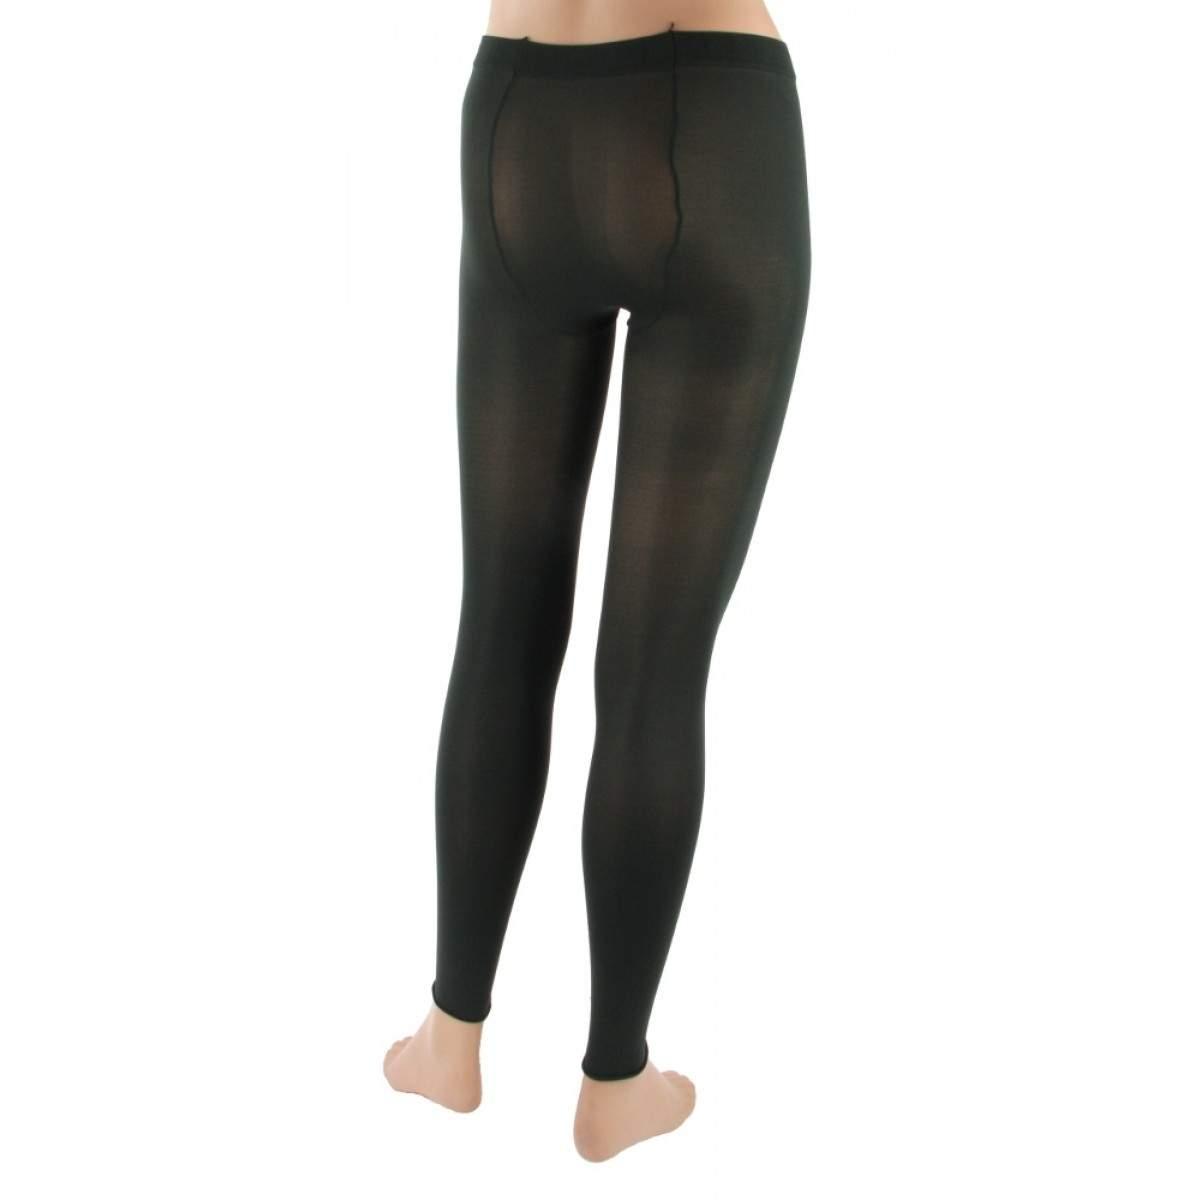 Kompressziós leggings visszeres nőknek. Kapcsolódó lapok